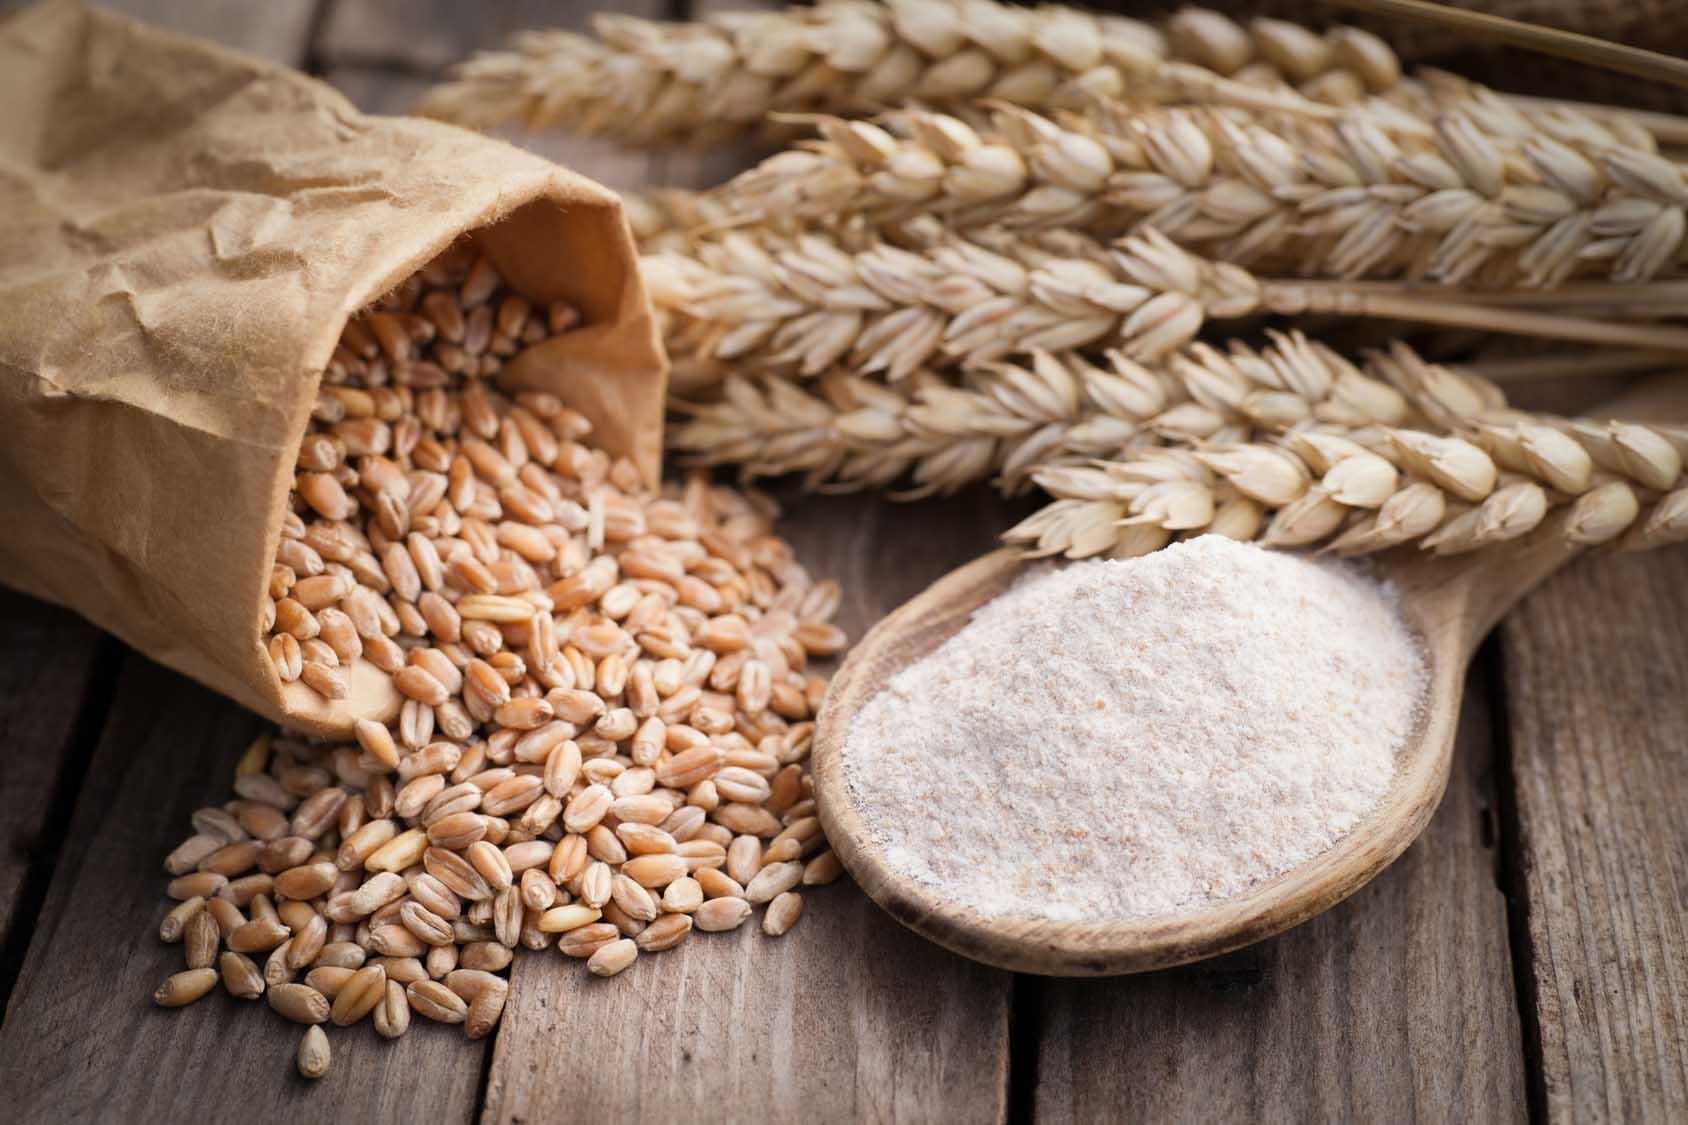 Secondo Coldiretti dal blocco all impiego di glifosato nella coltivazione  del grano germogliano 20.000 nuovi posti di lavoro 5877ca911fa2